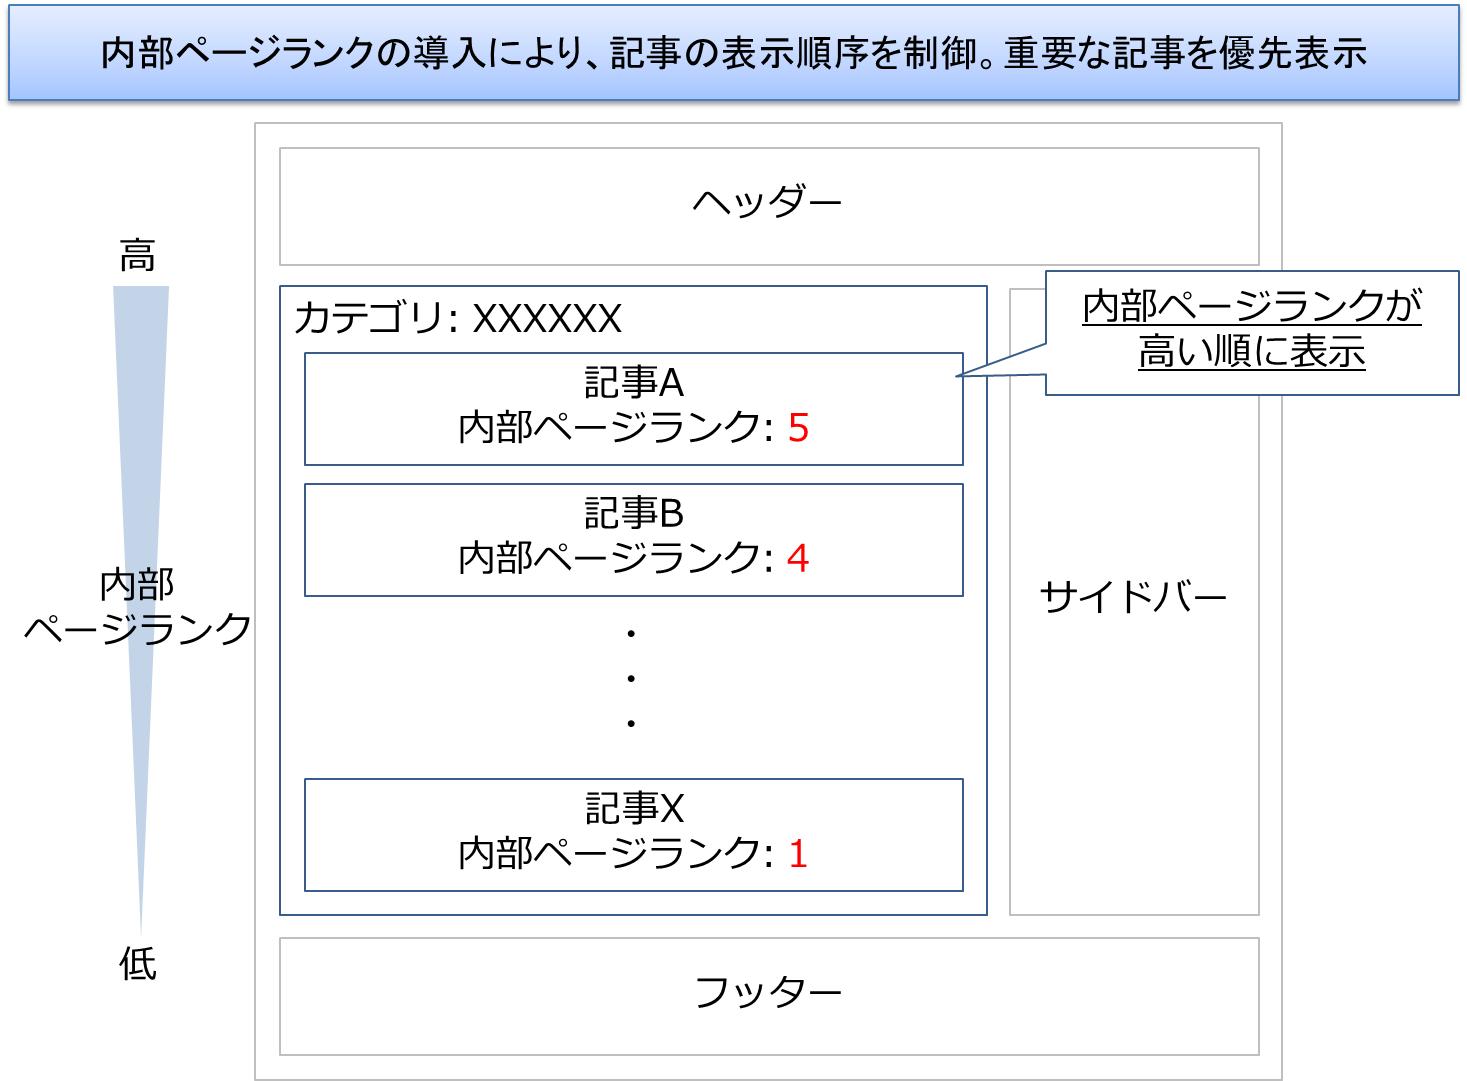 試 衝撃 カテゴリをまとめ記事として洗練する方法 カテゴリ構造化